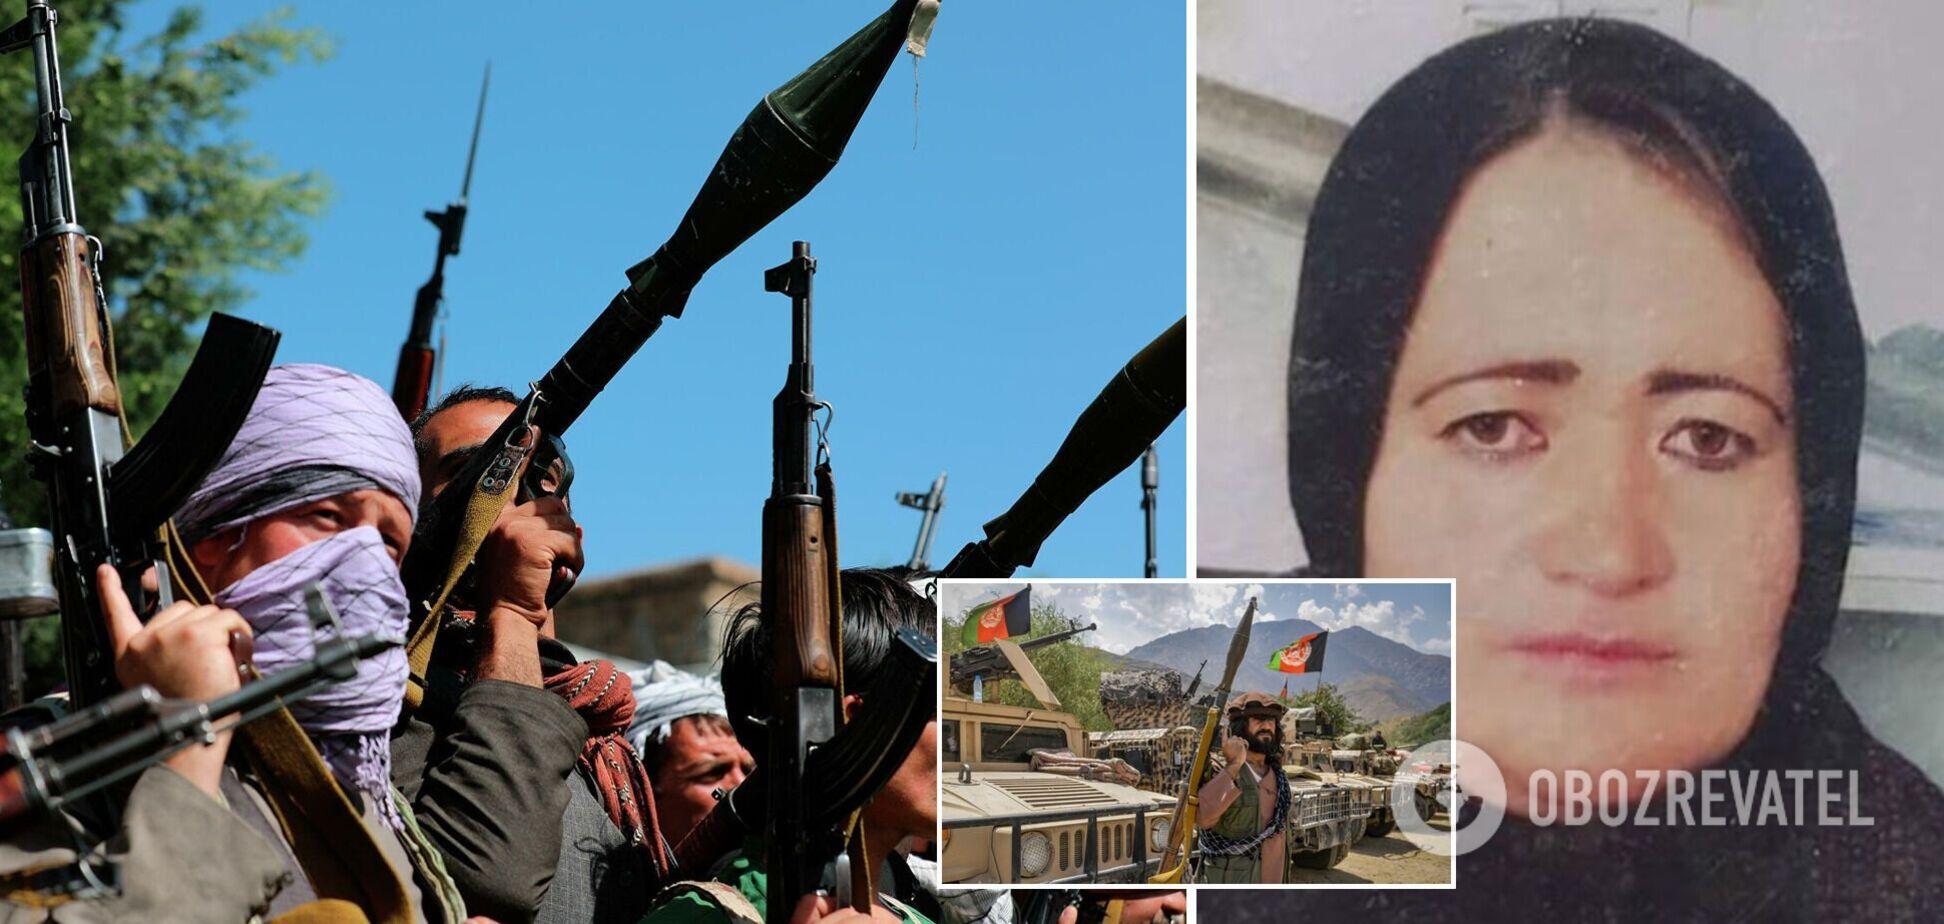 'Война закончилась': талибы захватили провинцию Панджшер. Главное о ситуации в Афганистане